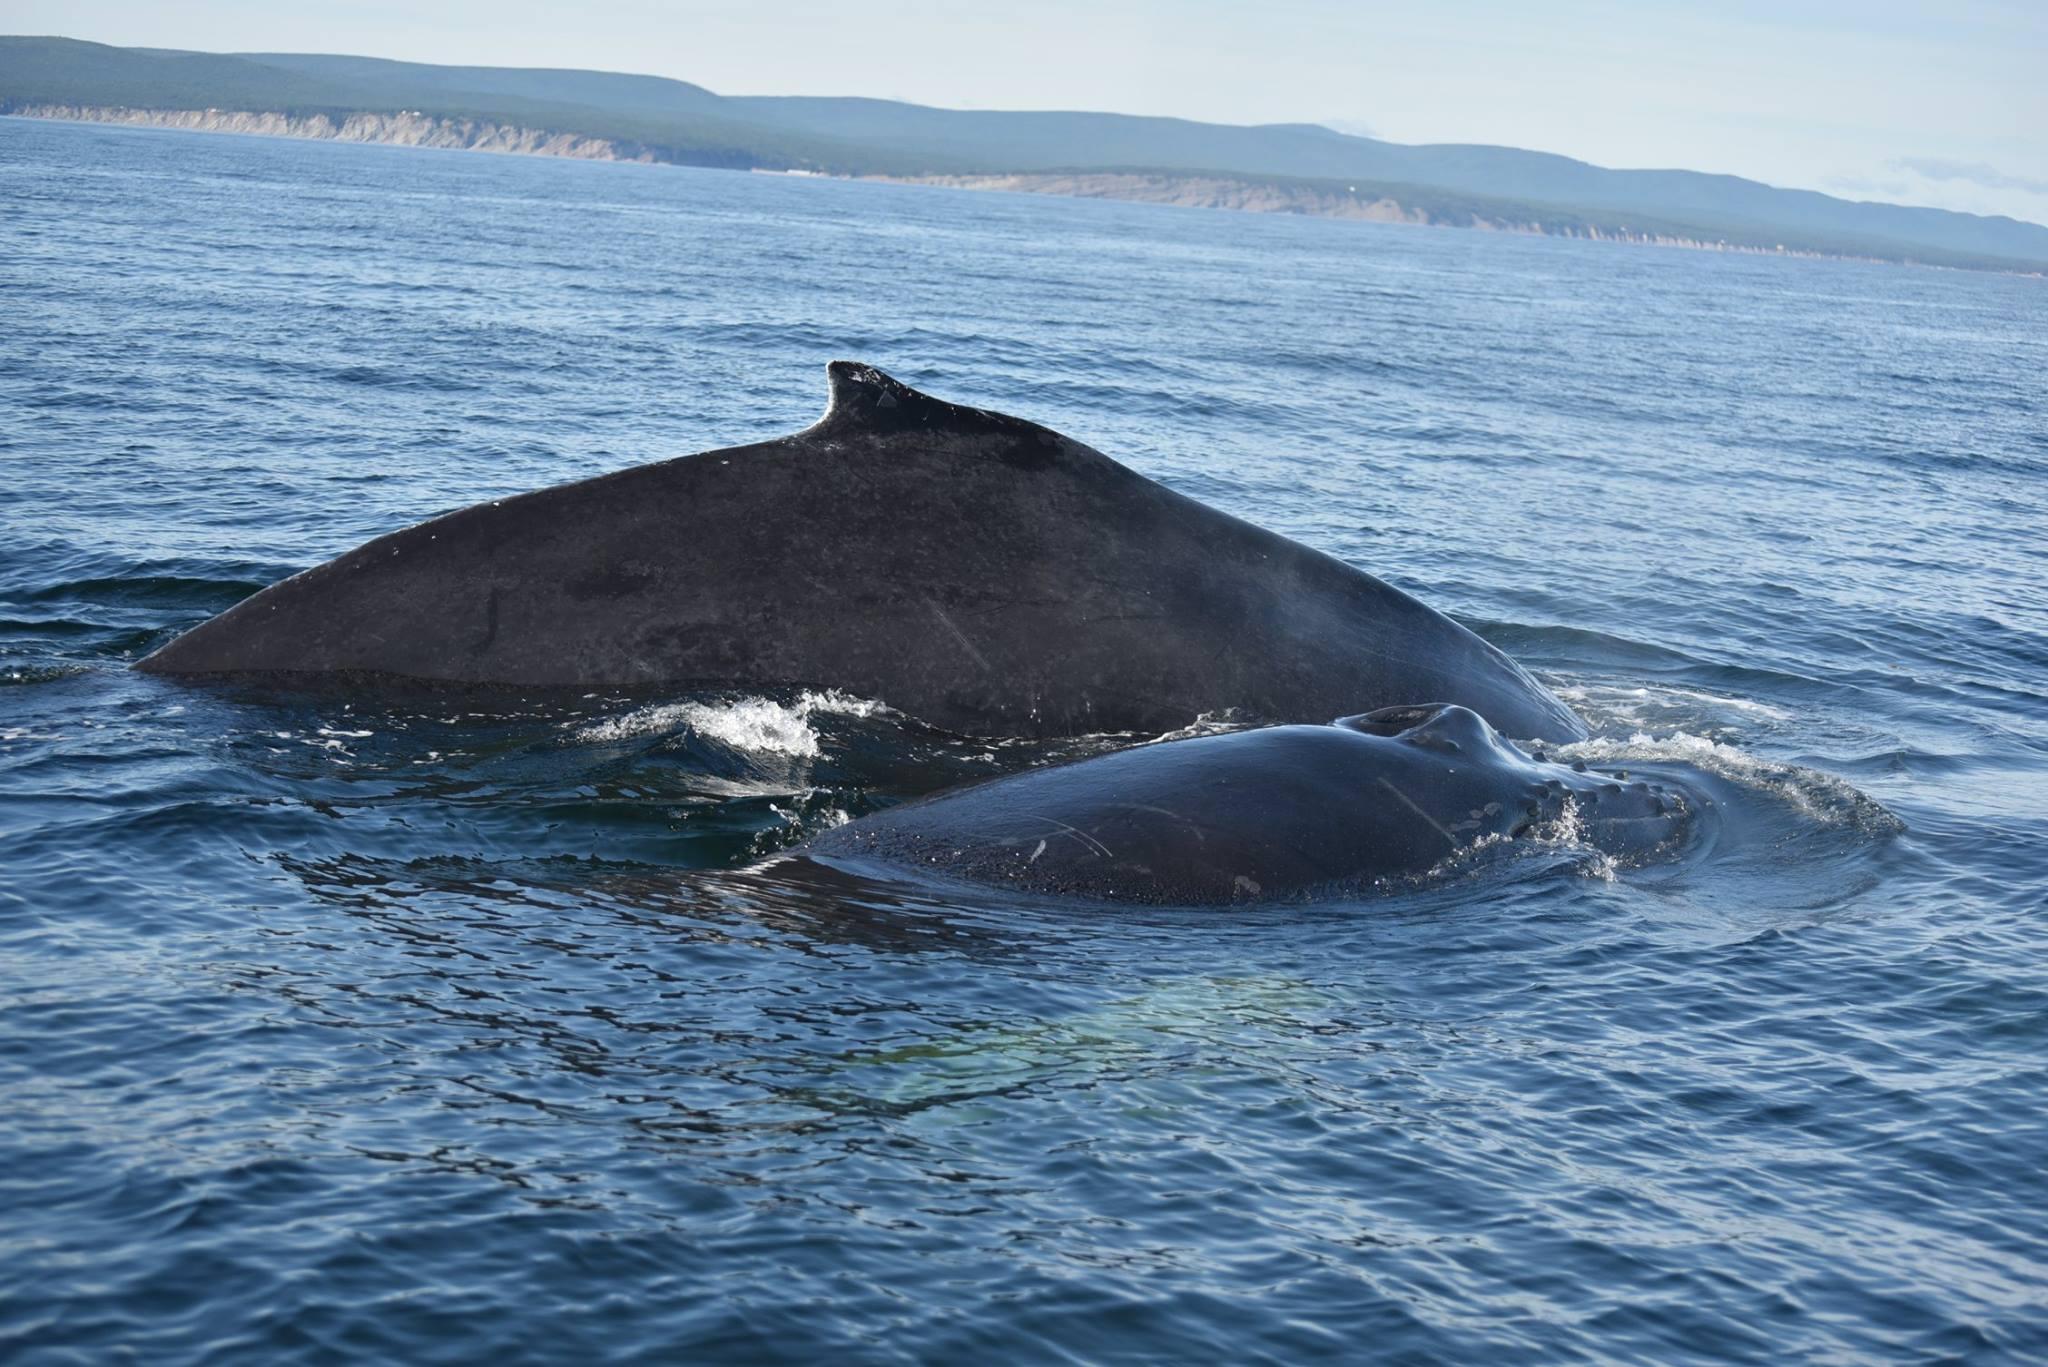 Baleine et baleineau.jpg